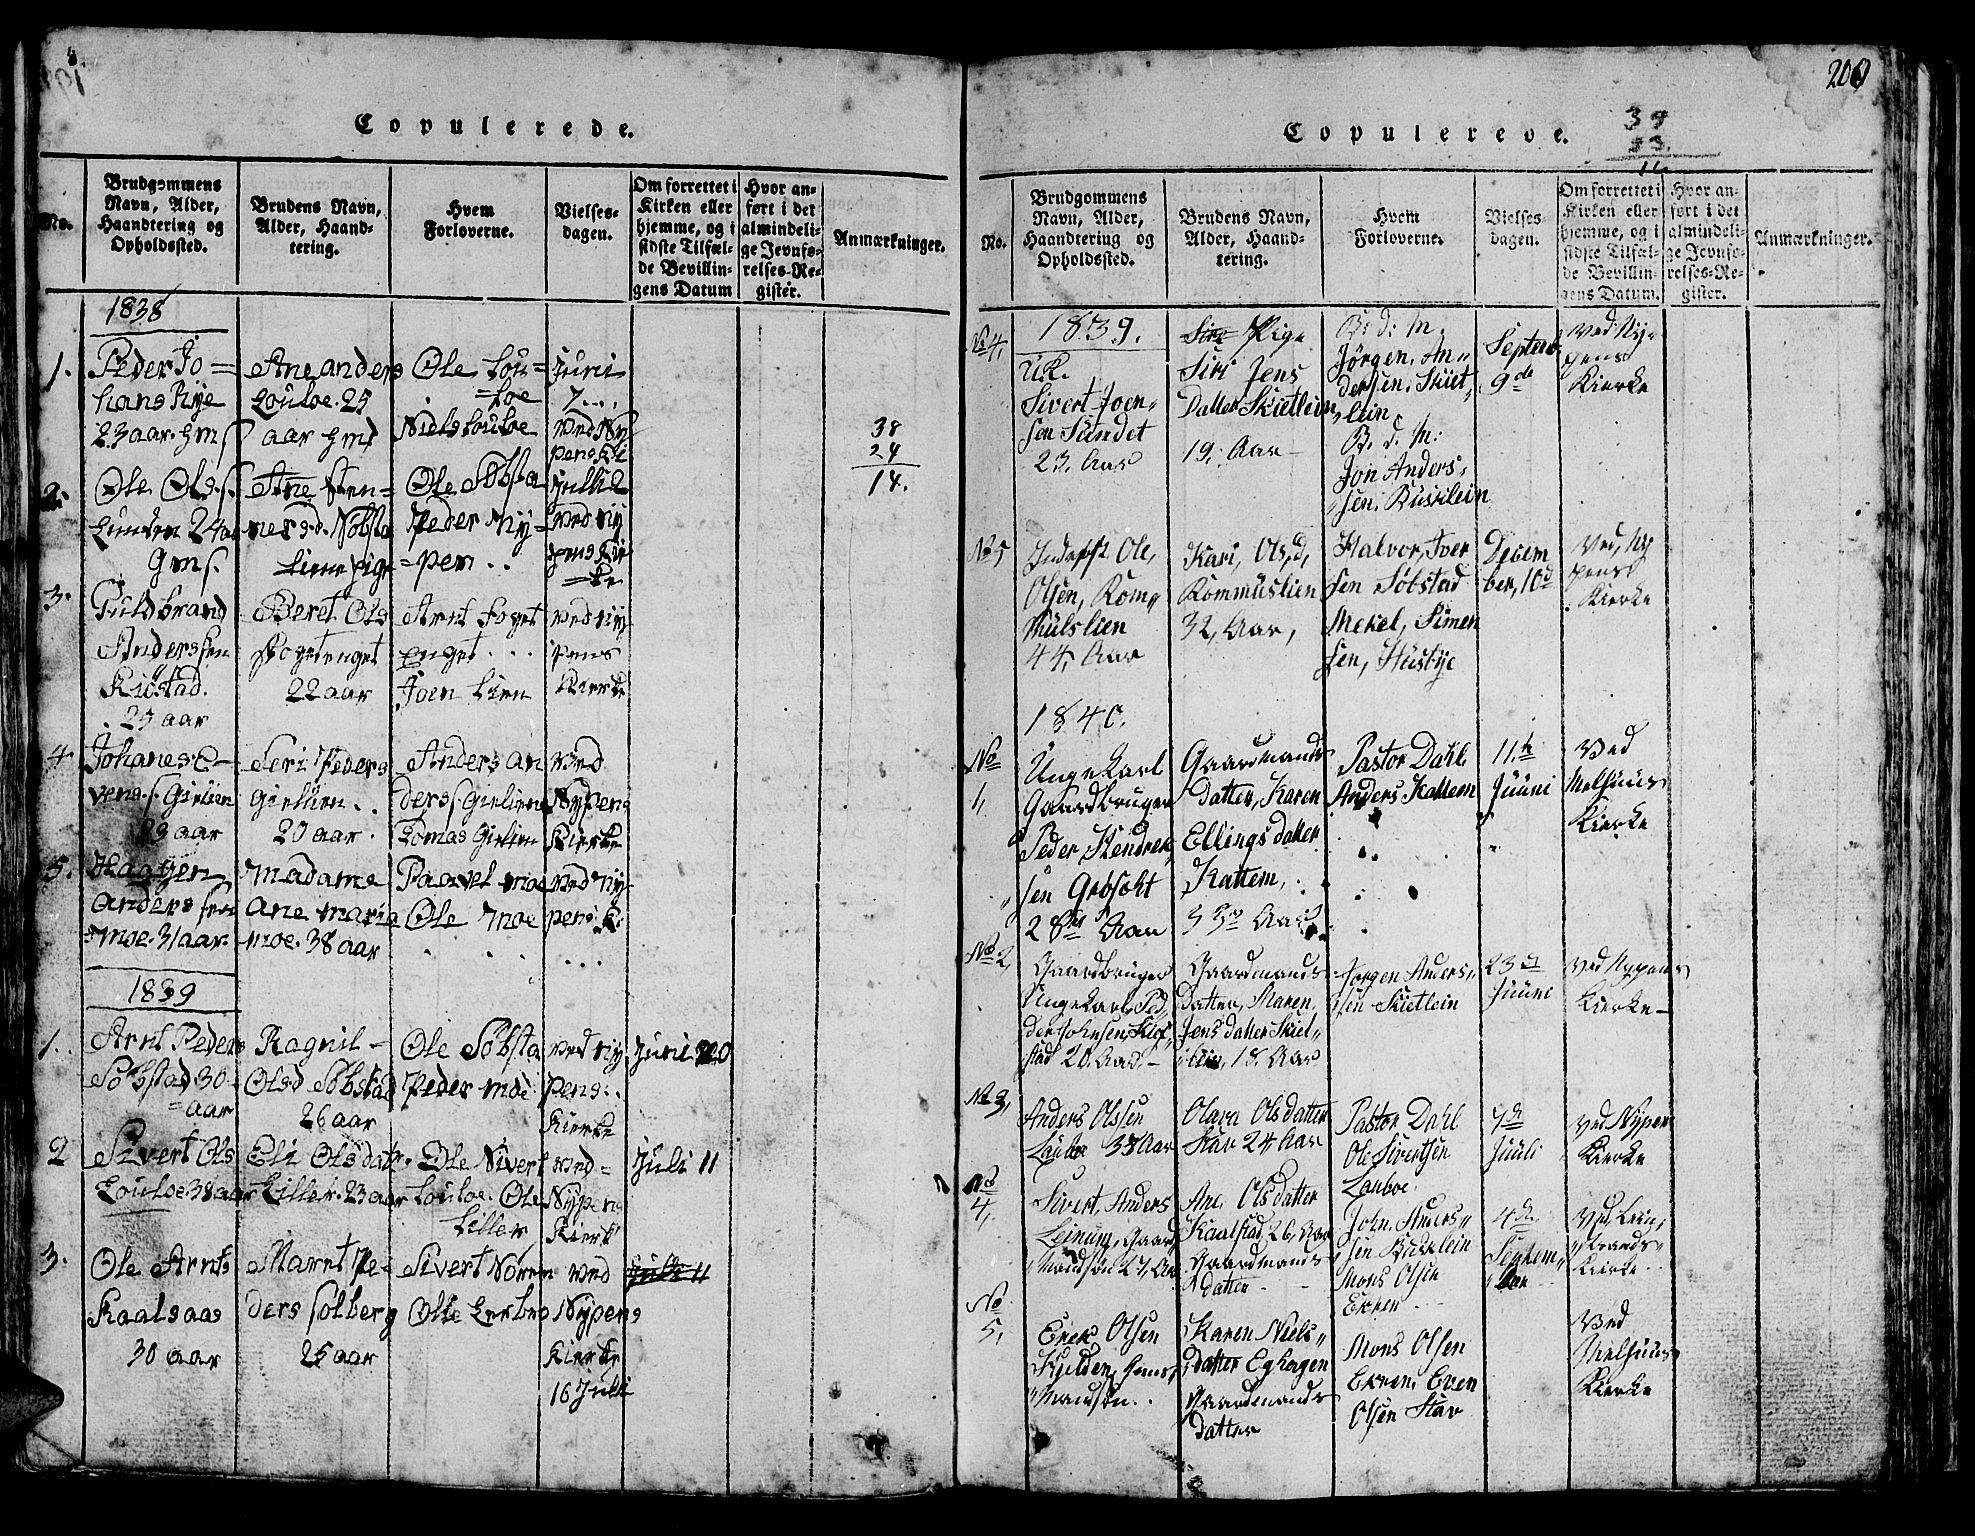 SAT, Ministerialprotokoller, klokkerbøker og fødselsregistre - Sør-Trøndelag, 613/L0393: Klokkerbok nr. 613C01, 1816-1886, s. 200